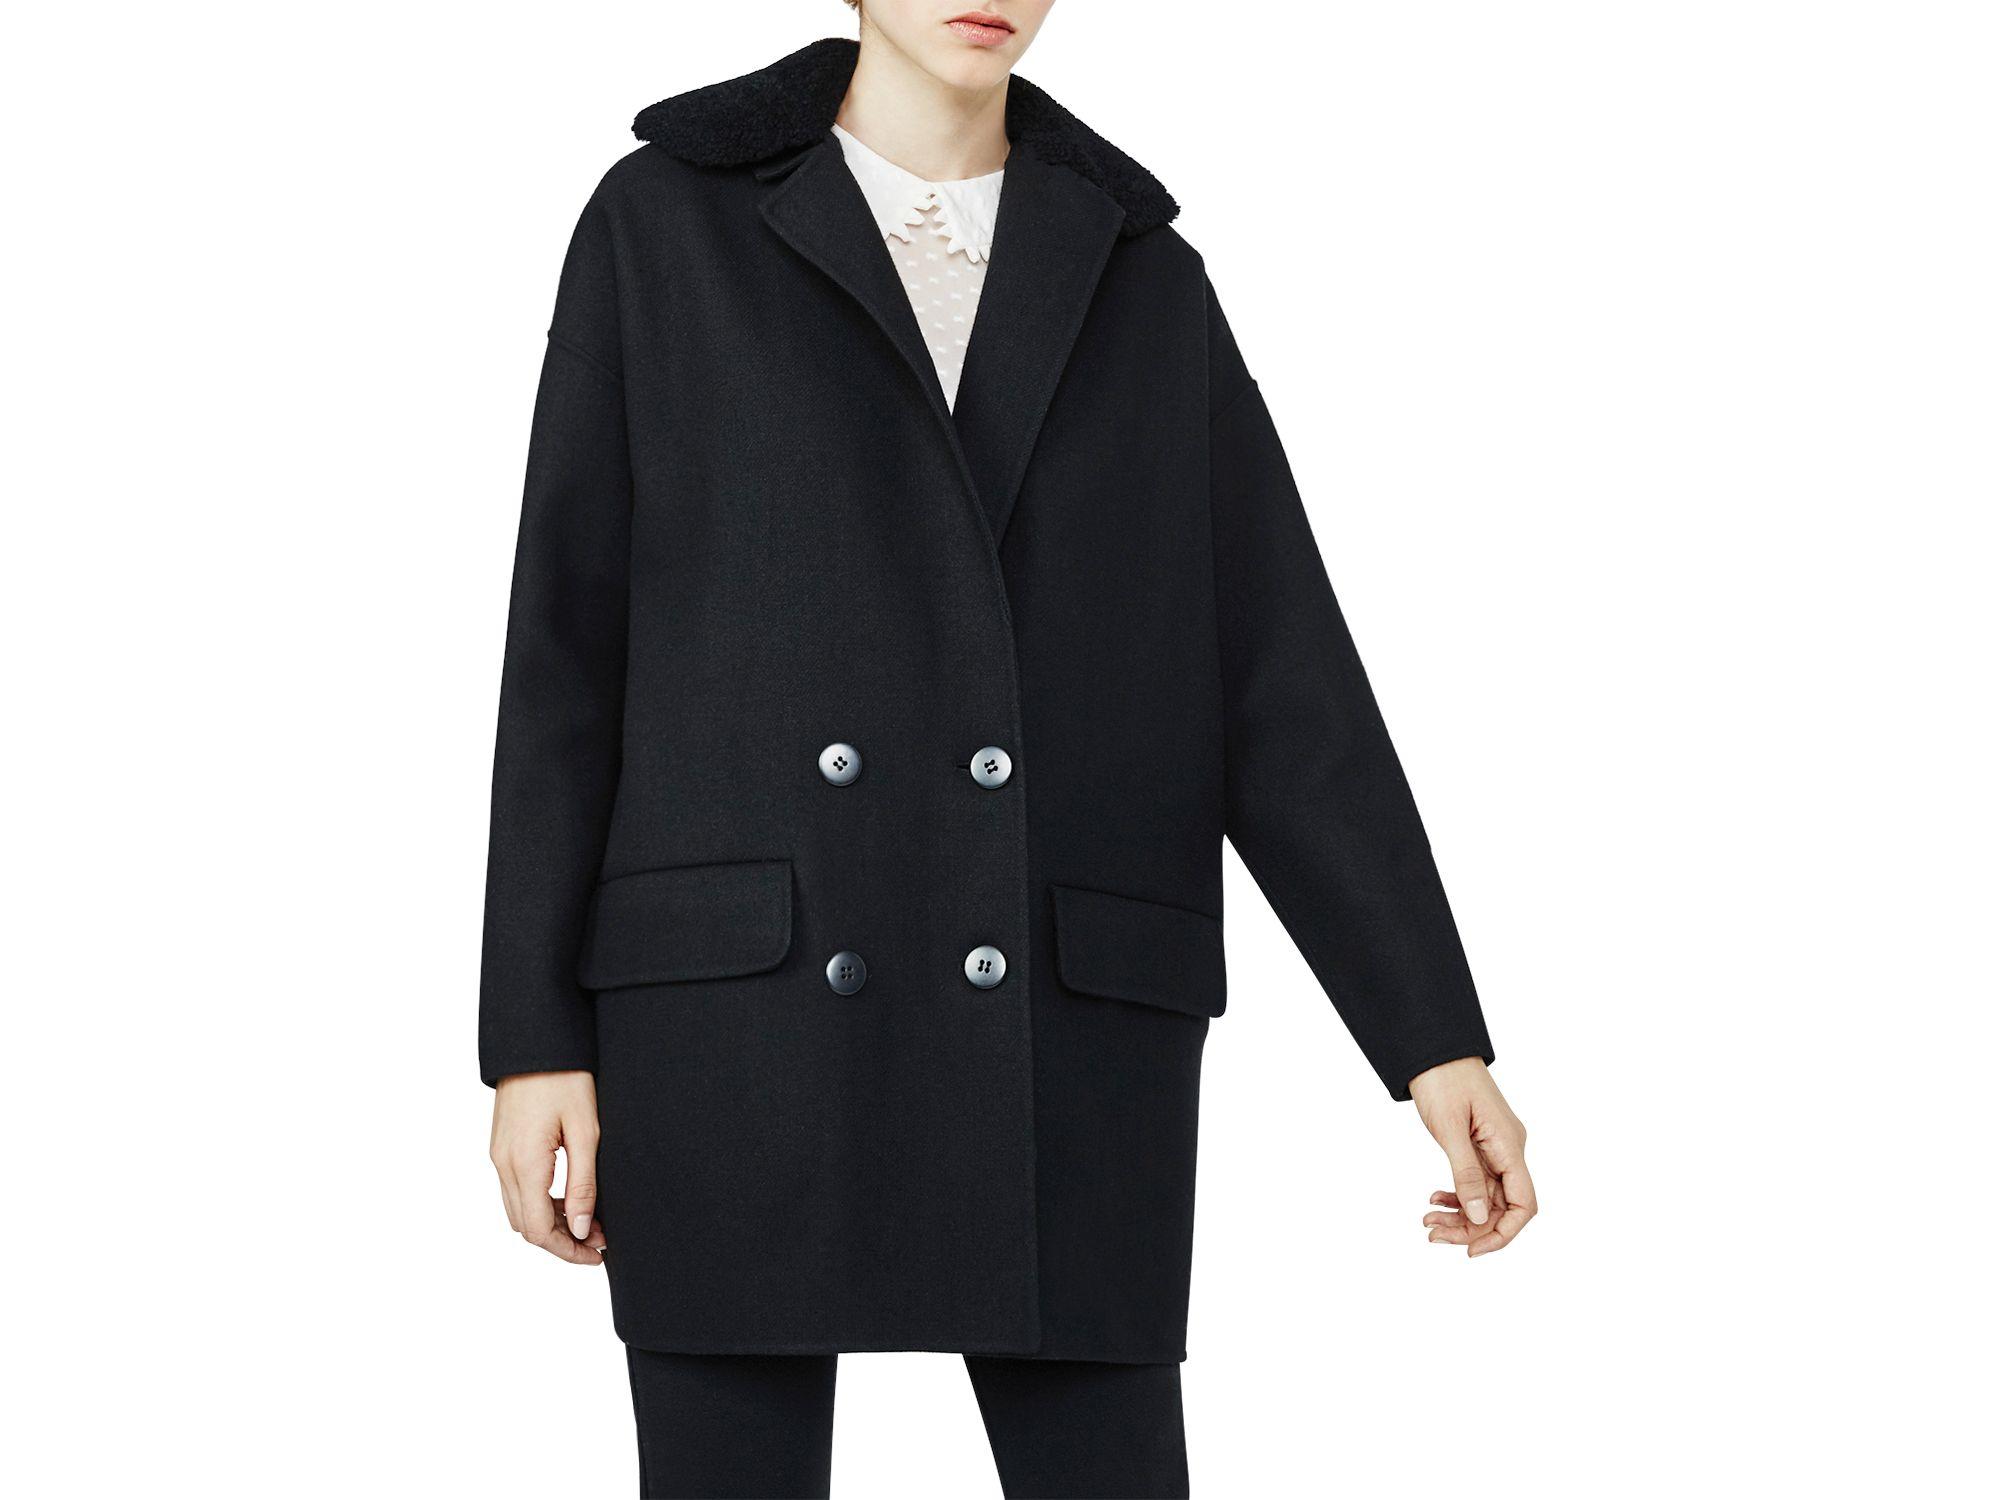 Maje Garnison Sheepskin Collar Coat in Black | Lyst